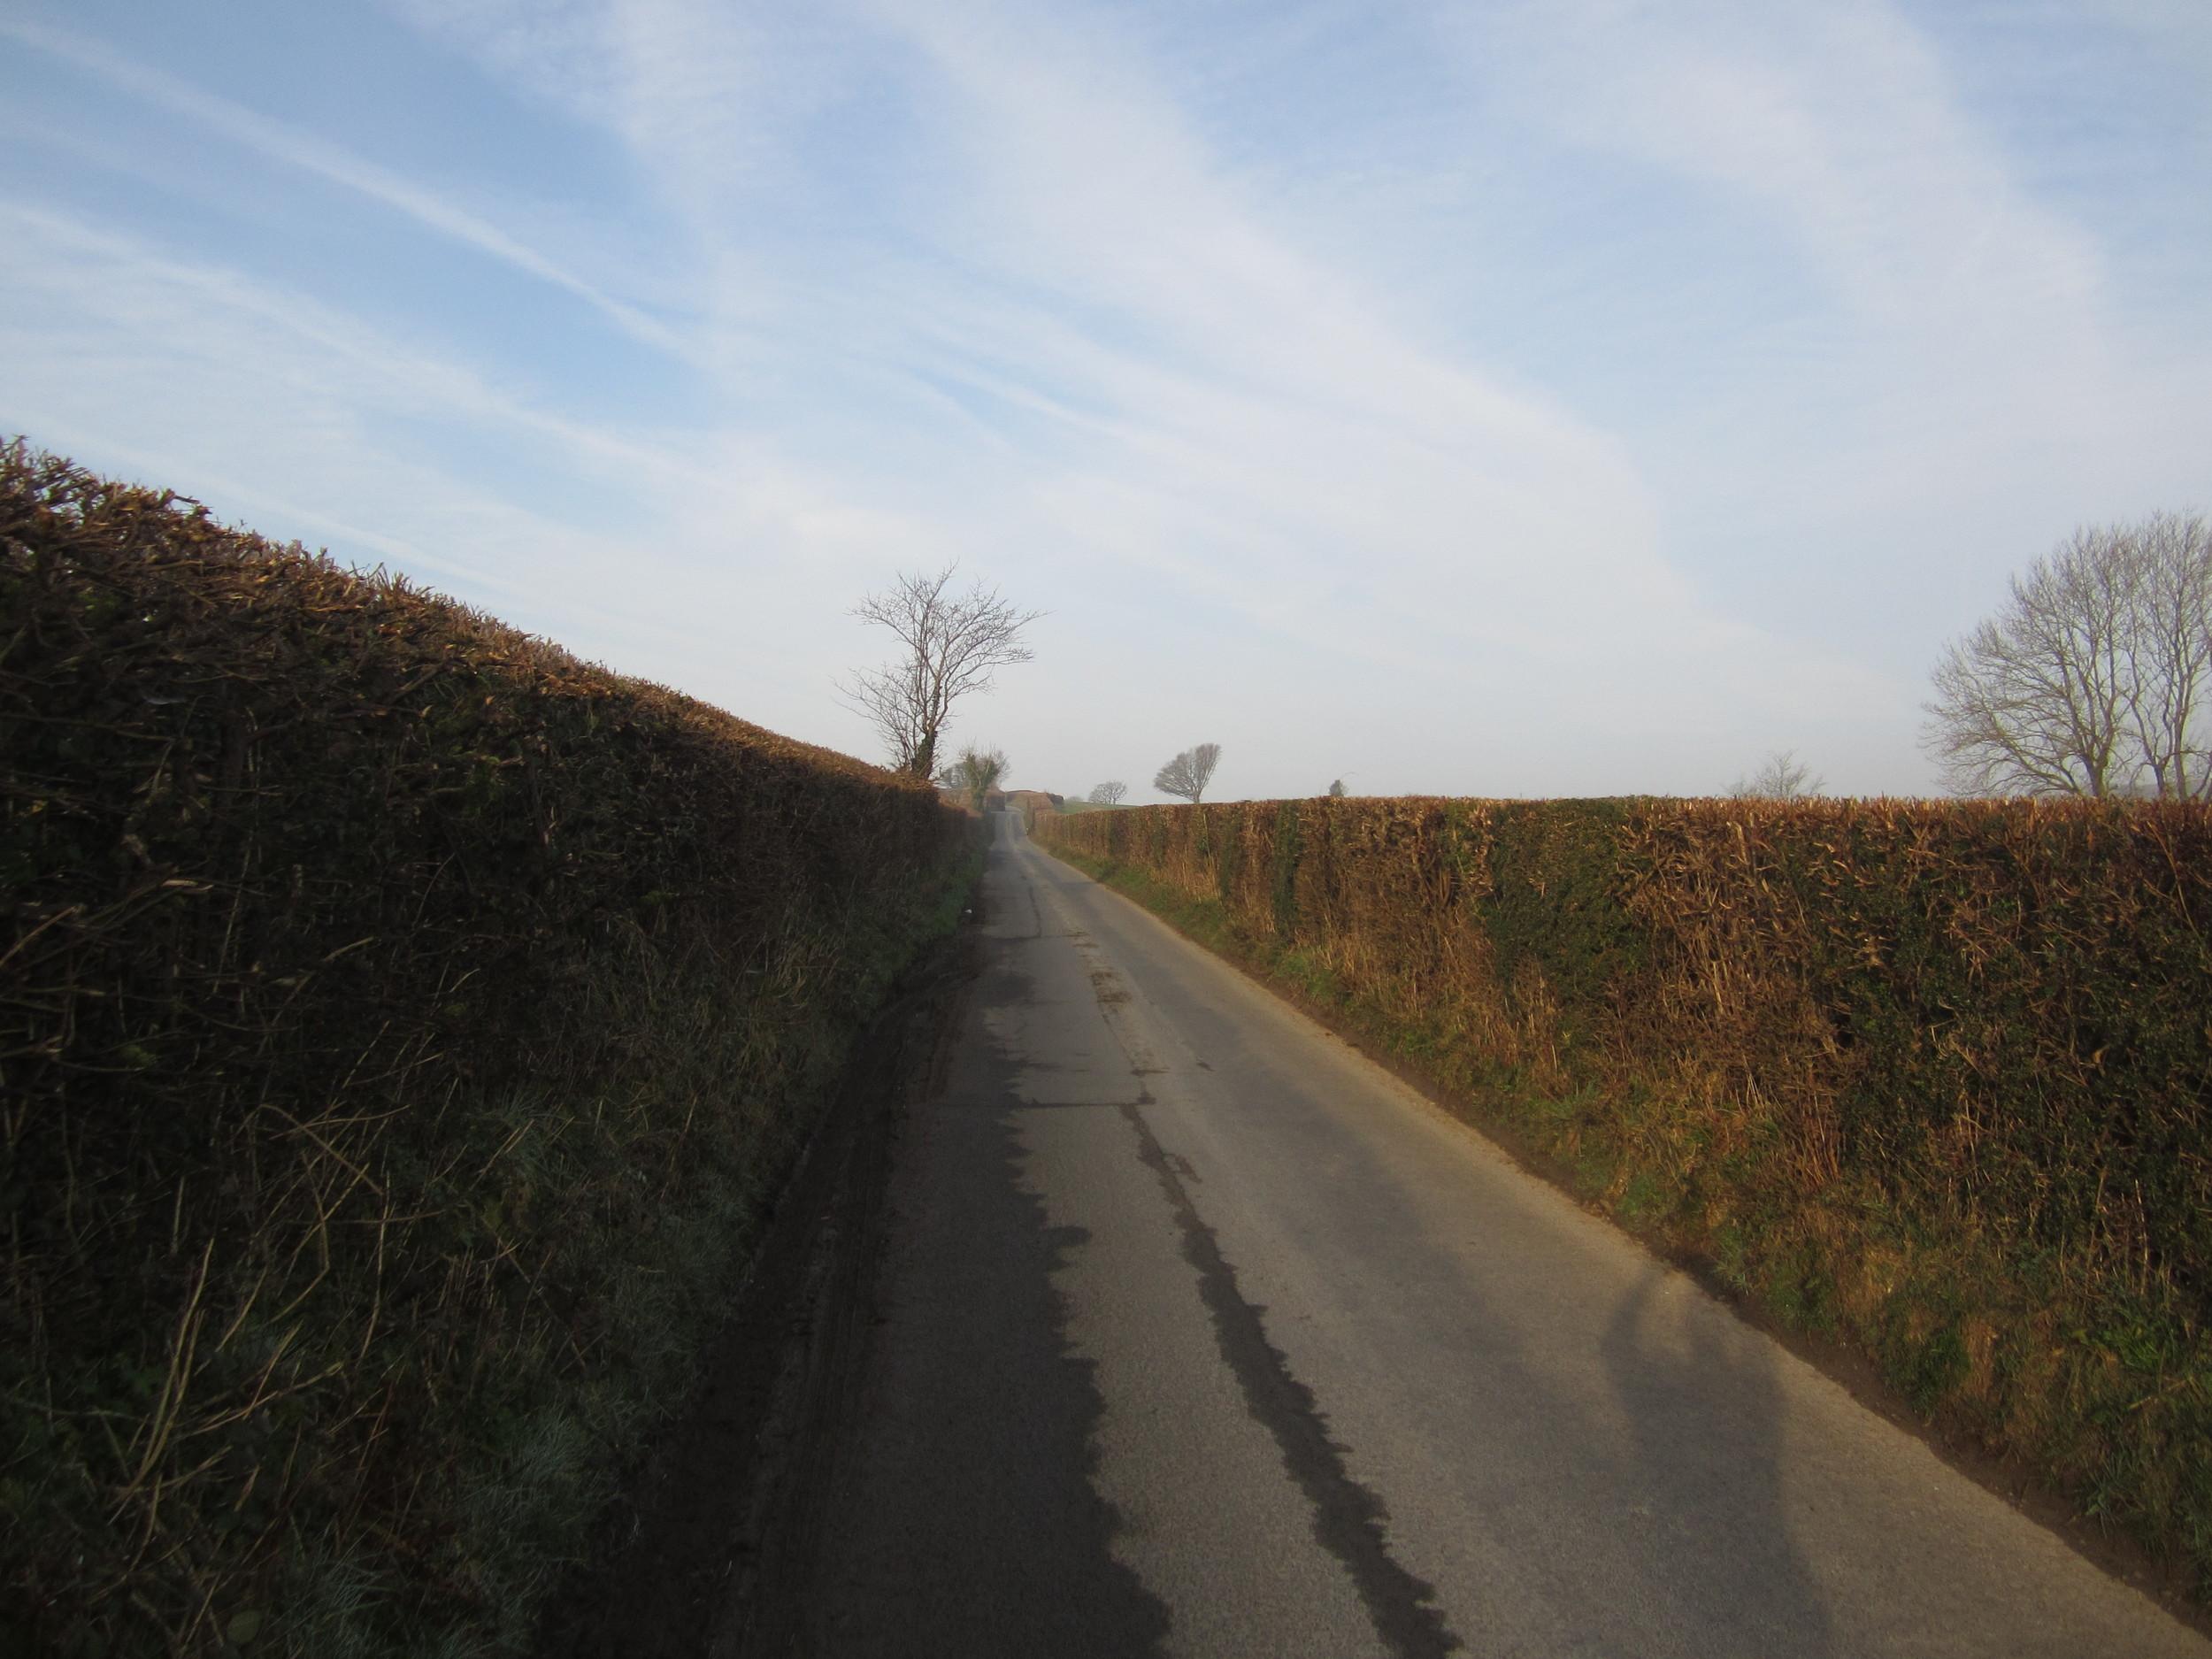 The Road from Kington to Huntington